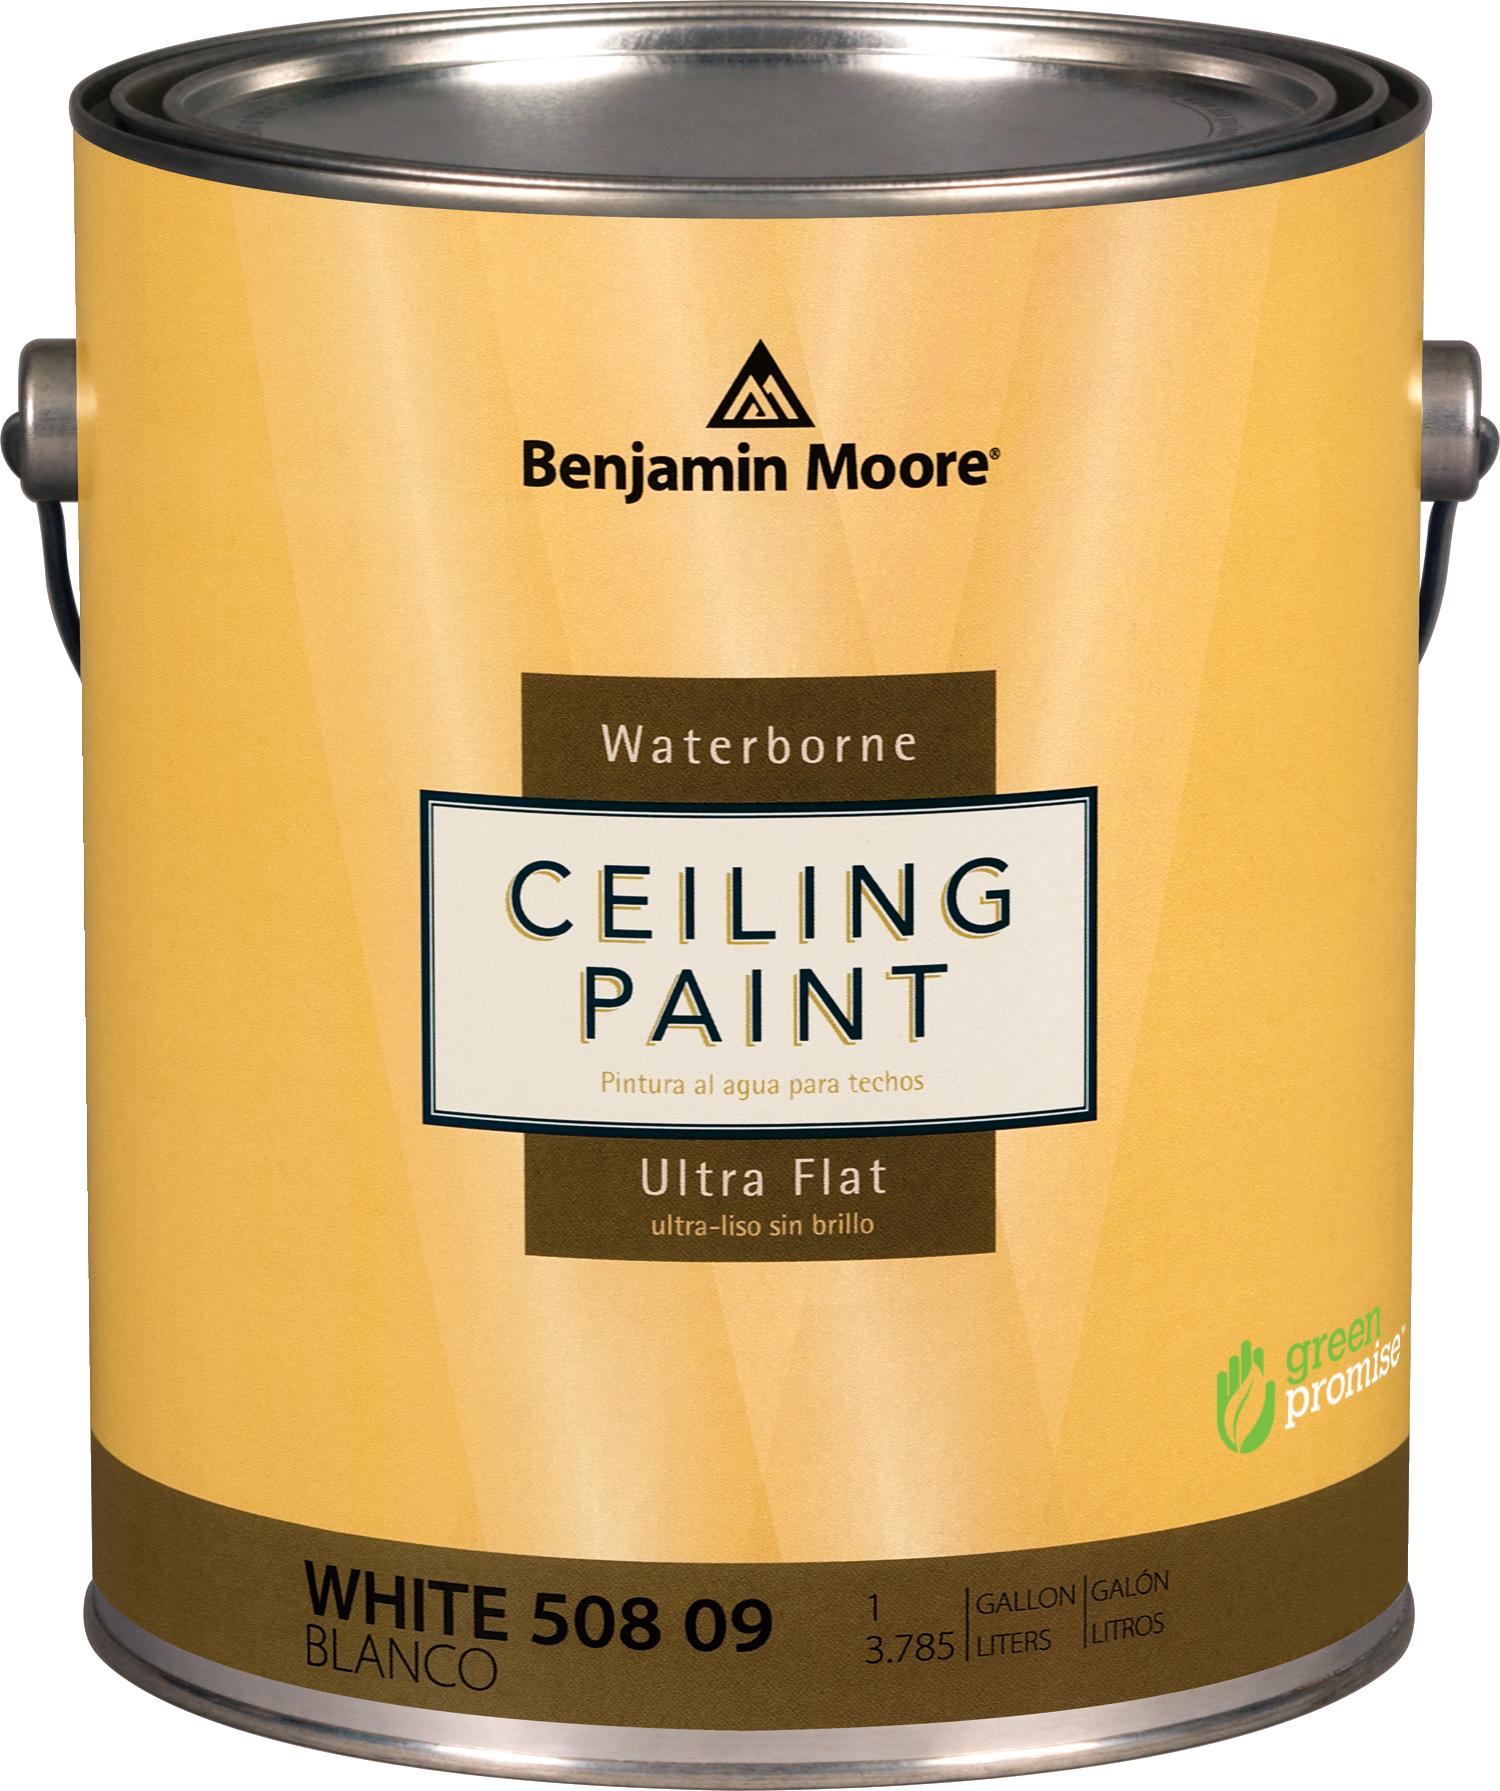 Benjamin moore waterborne ceiling paint thybony paint for Is benjamin moore paint good